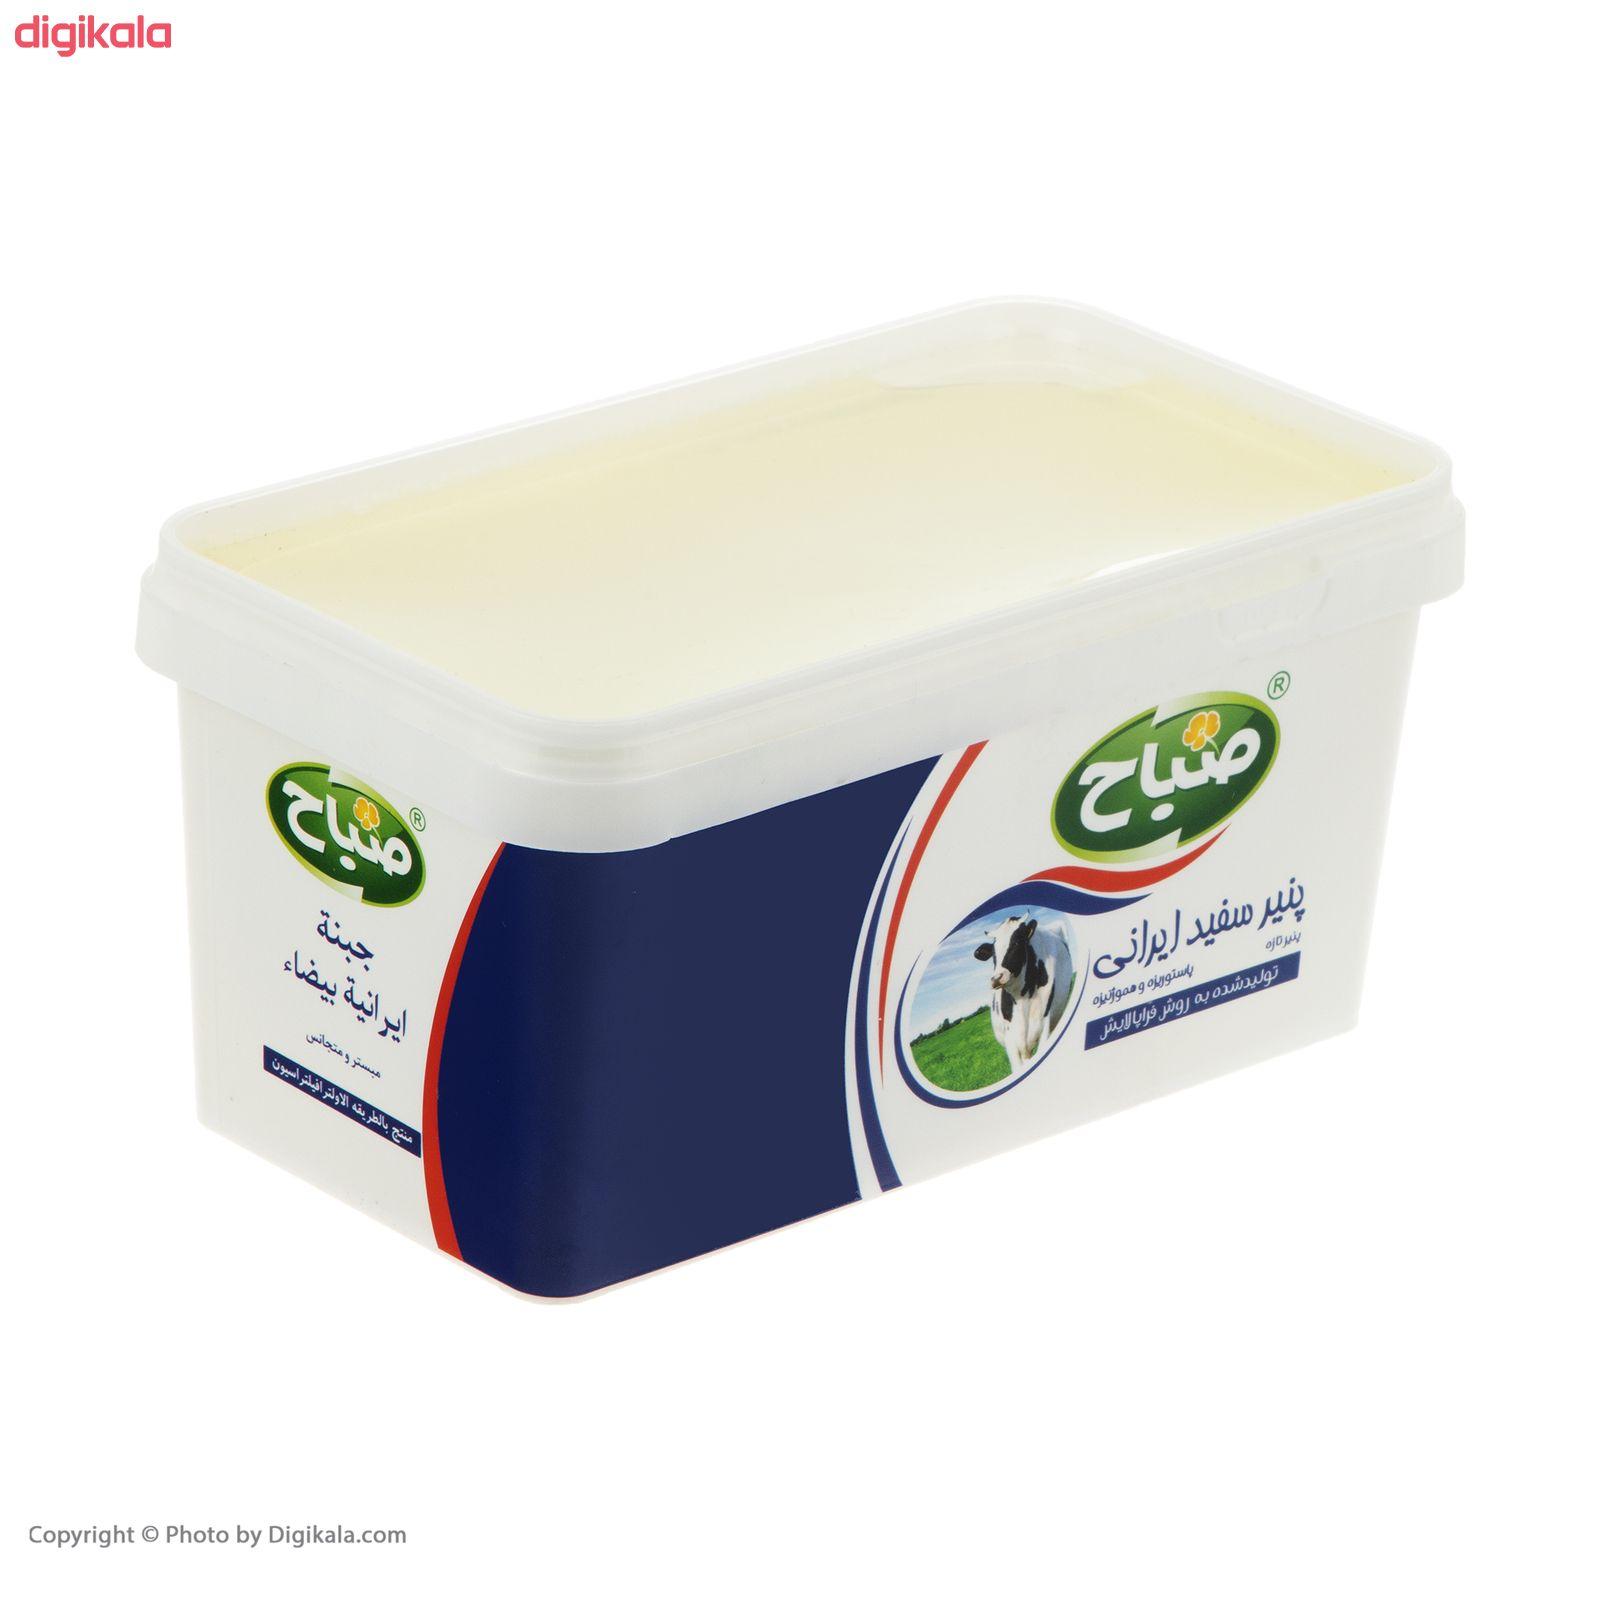 پنیر سفید صباح - 900 گرم main 1 3